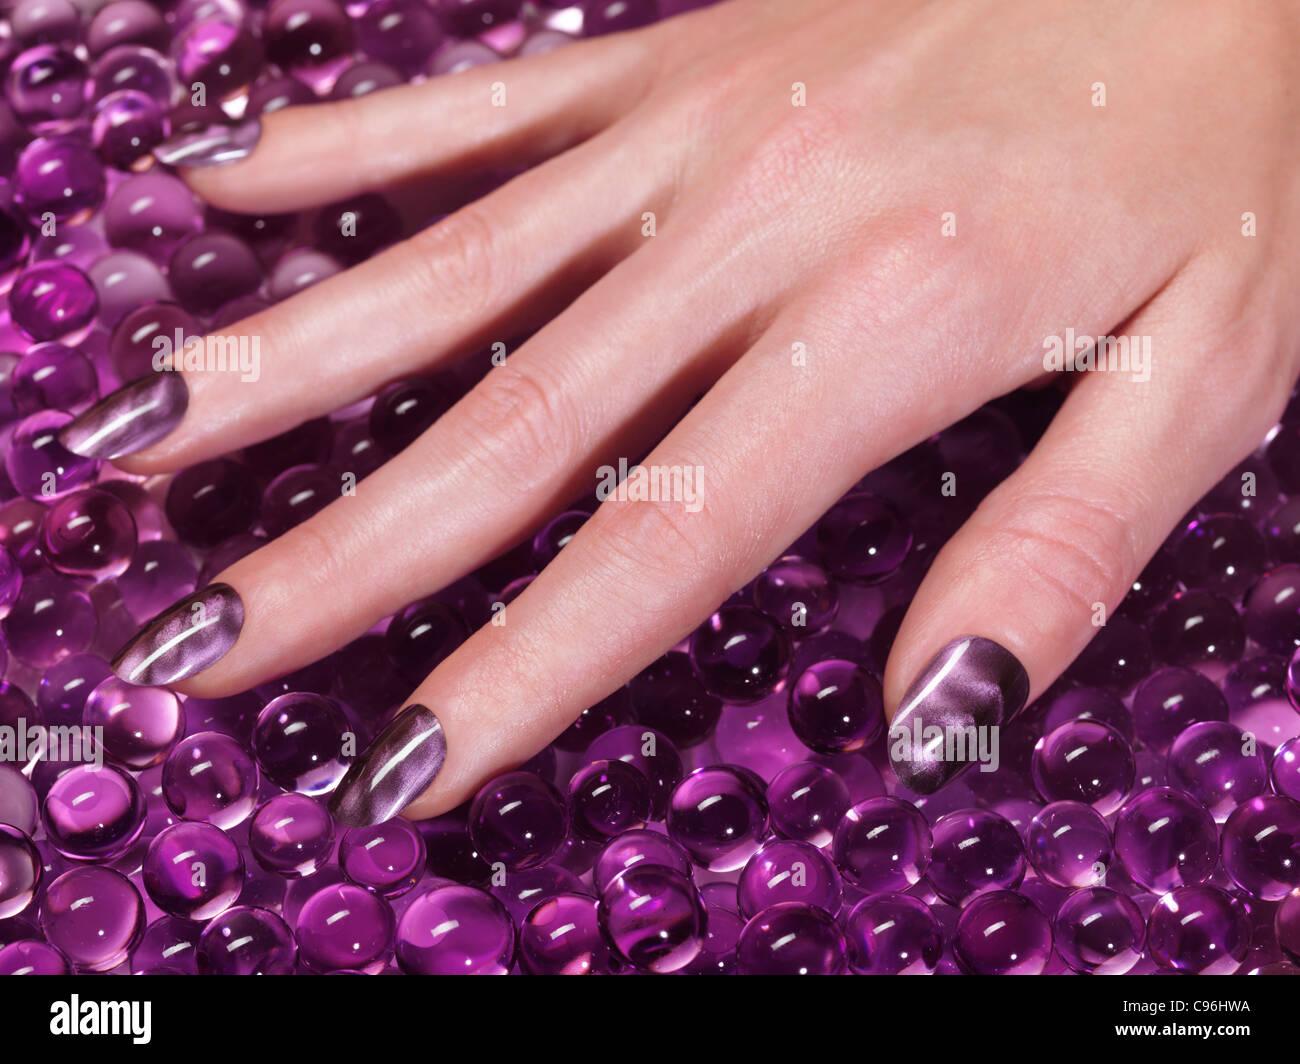 Primo piano della donna mano con le unghie acriliche e viola smalto per unghie Immagini Stock